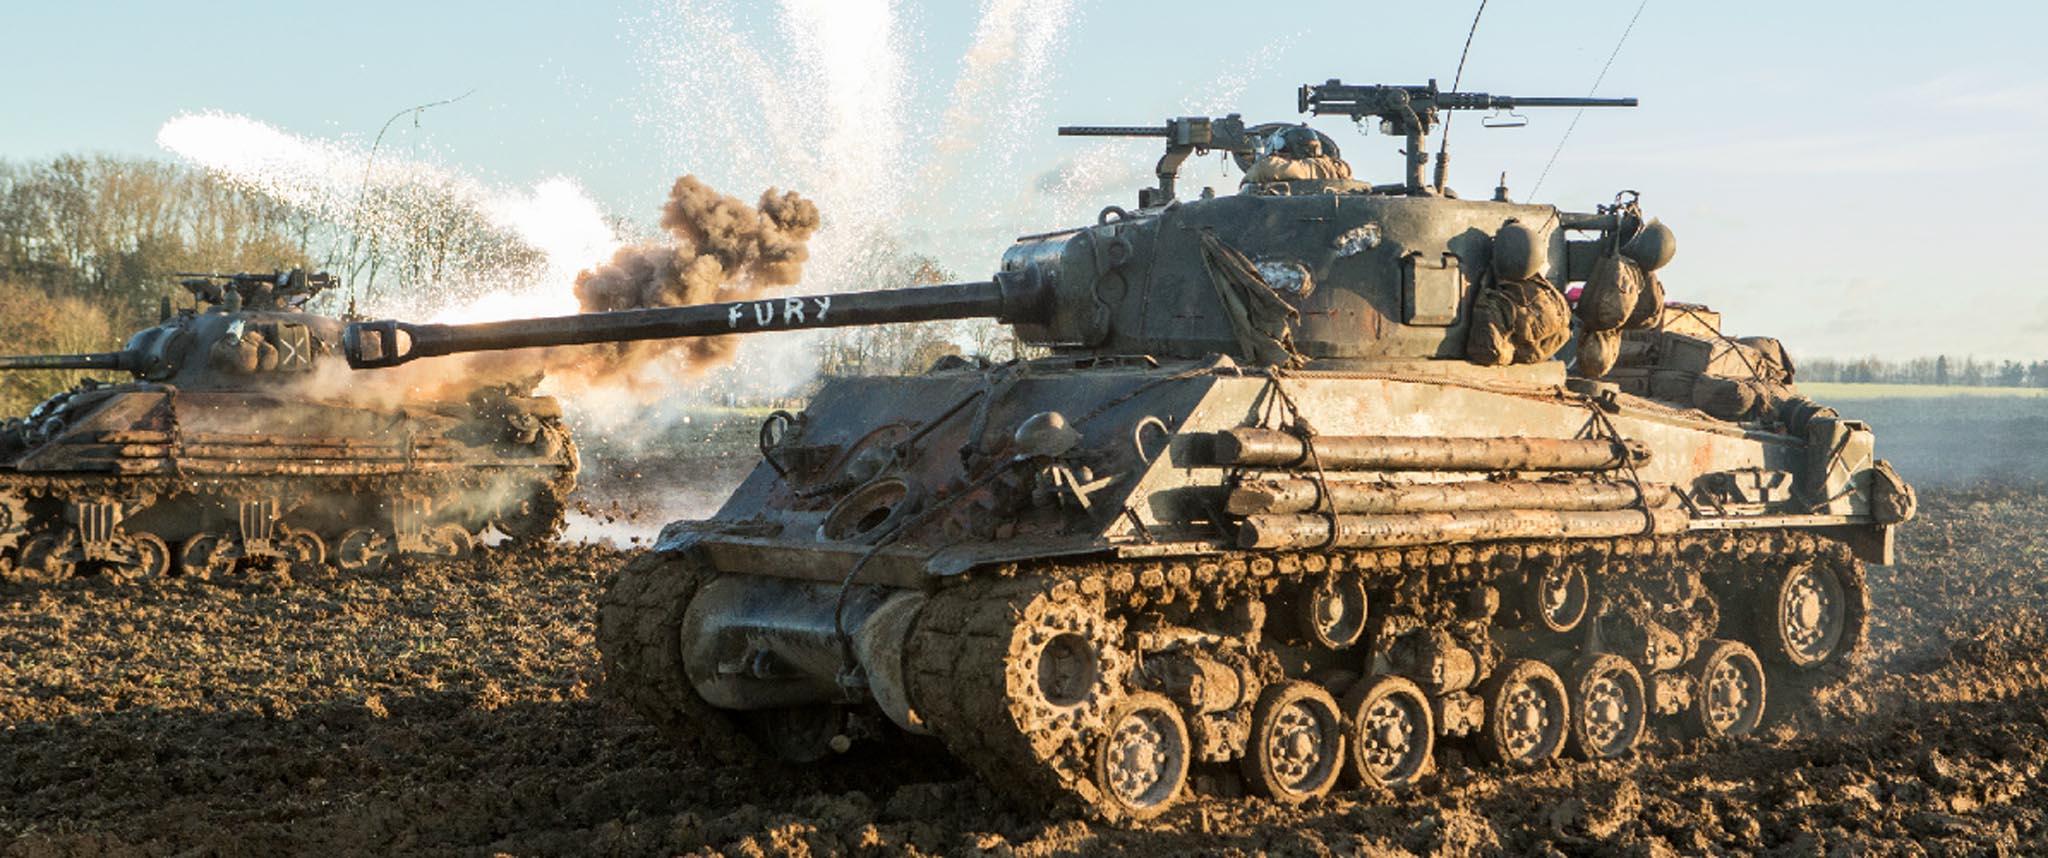 Что за танк был в фильме ярость